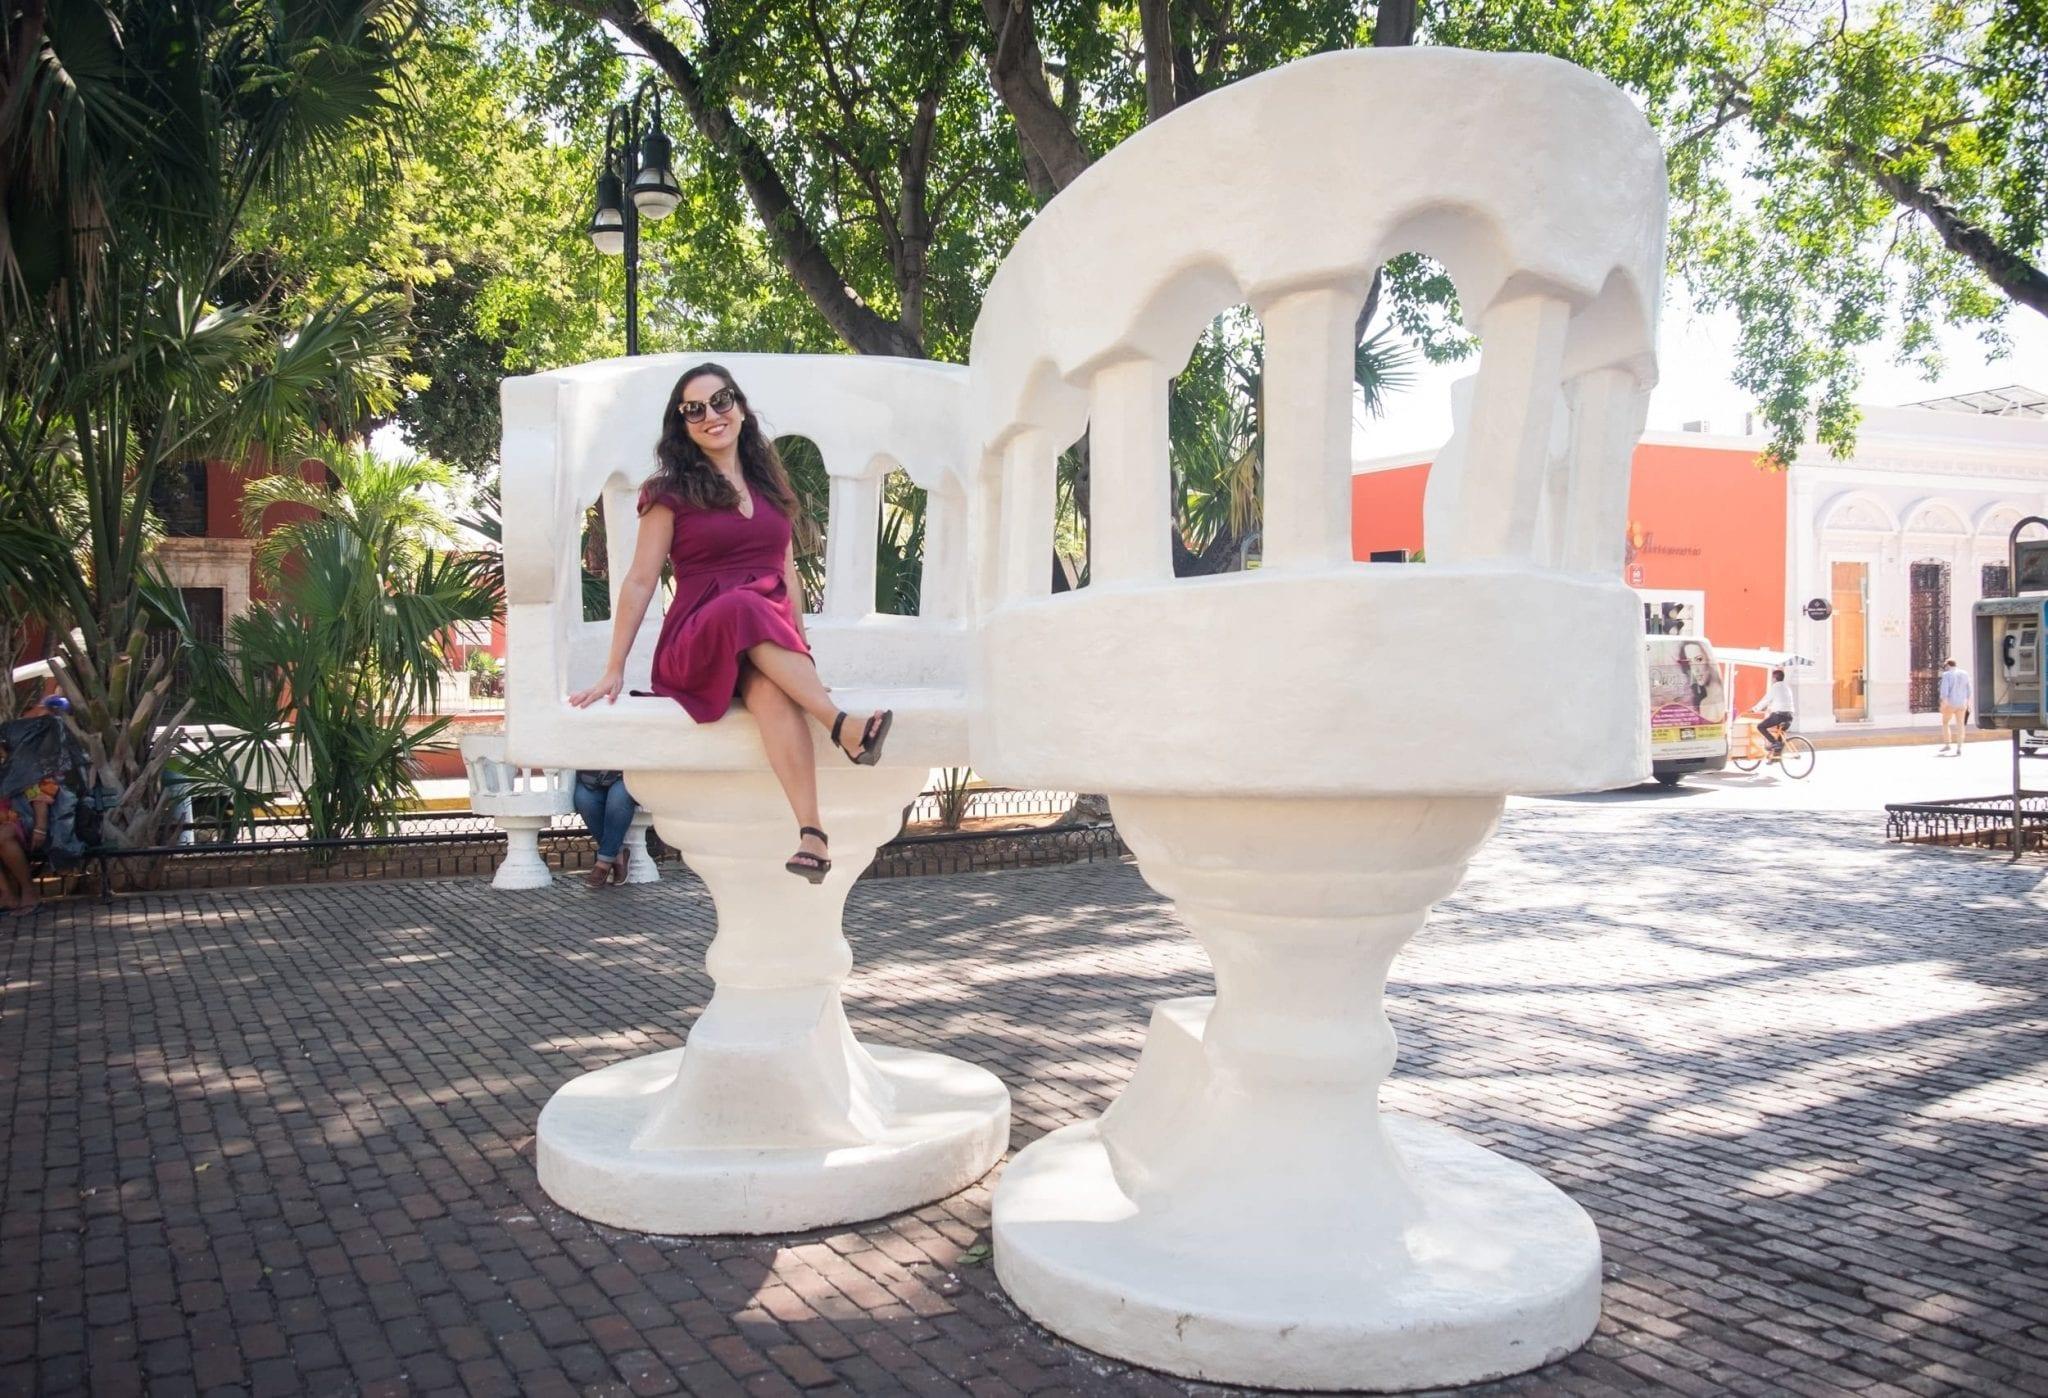 DSCF7015 ▷ Viaje solo en México - ¿Es seguro?